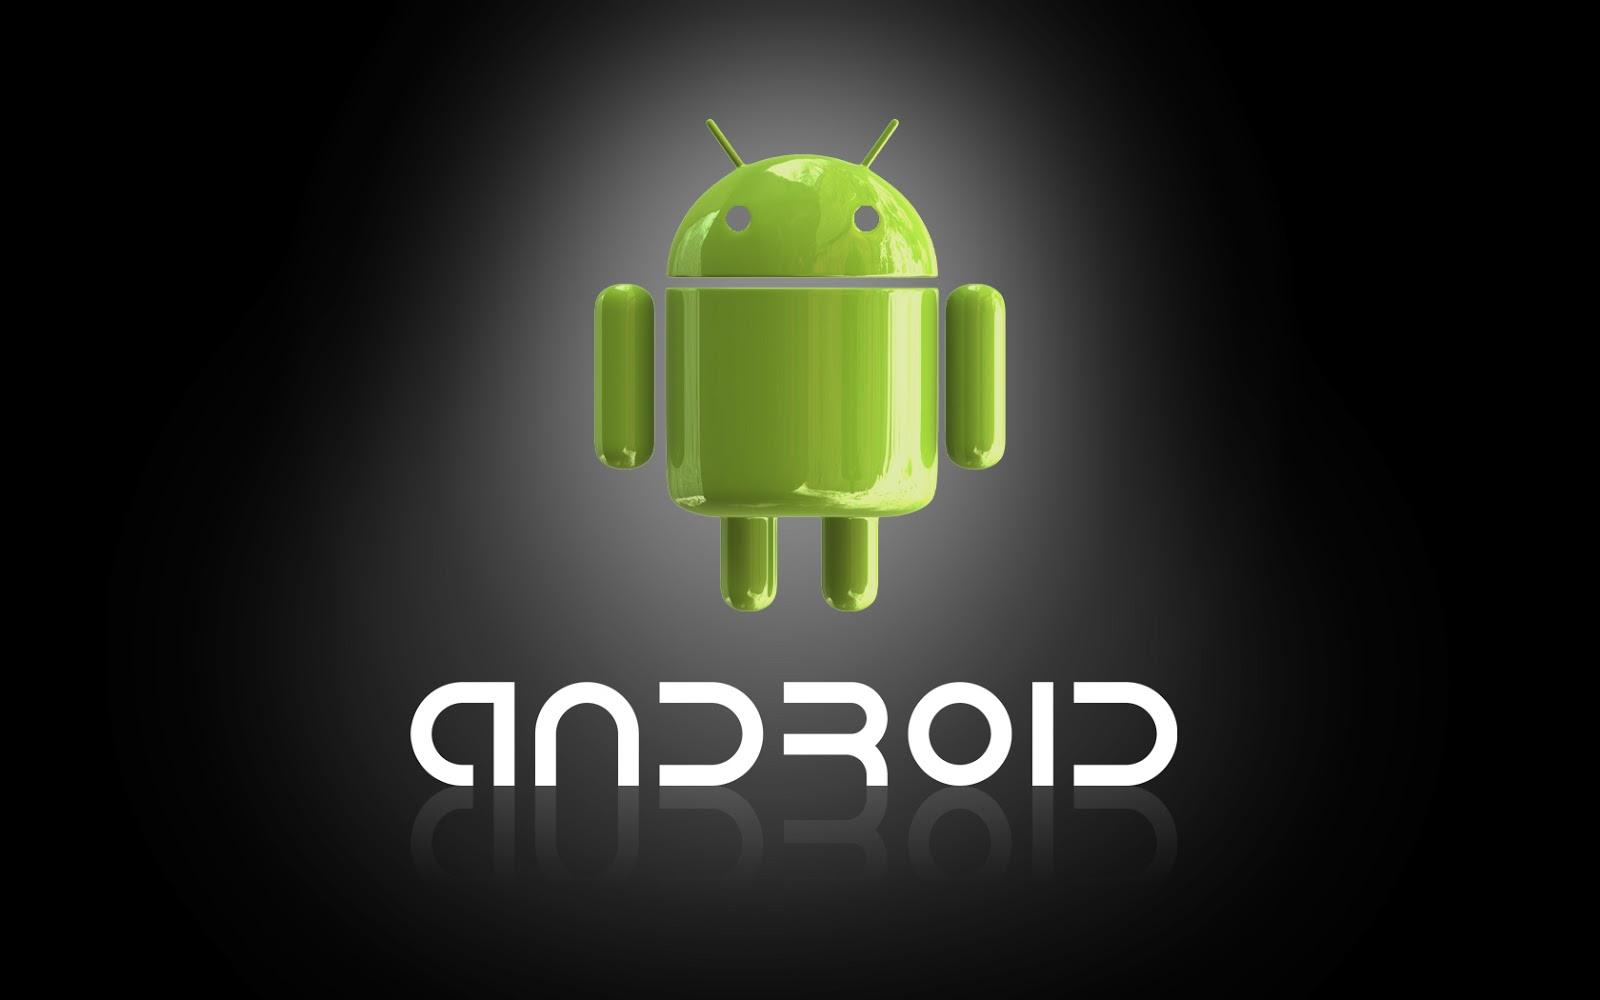 Gratis Android Telcel Mexico Internet ilimitado android 2013 1600x1000